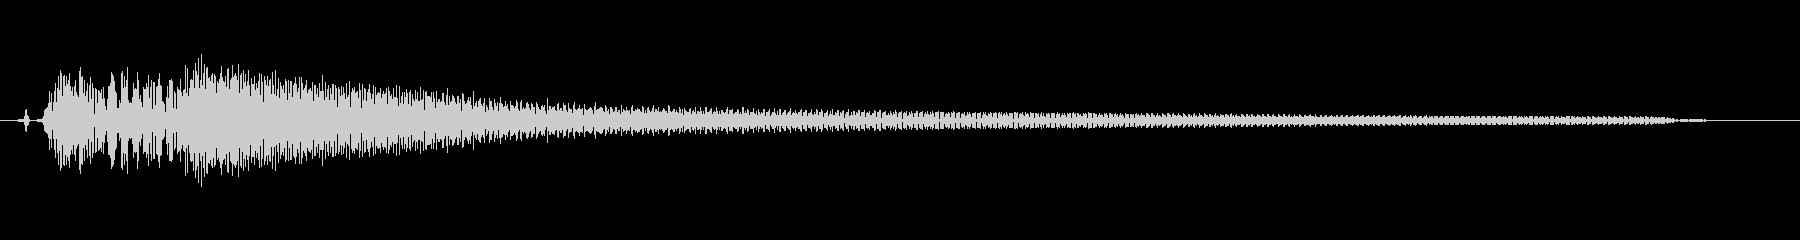 アコギ不協和音(適当に抑えて弾いた音)の未再生の波形